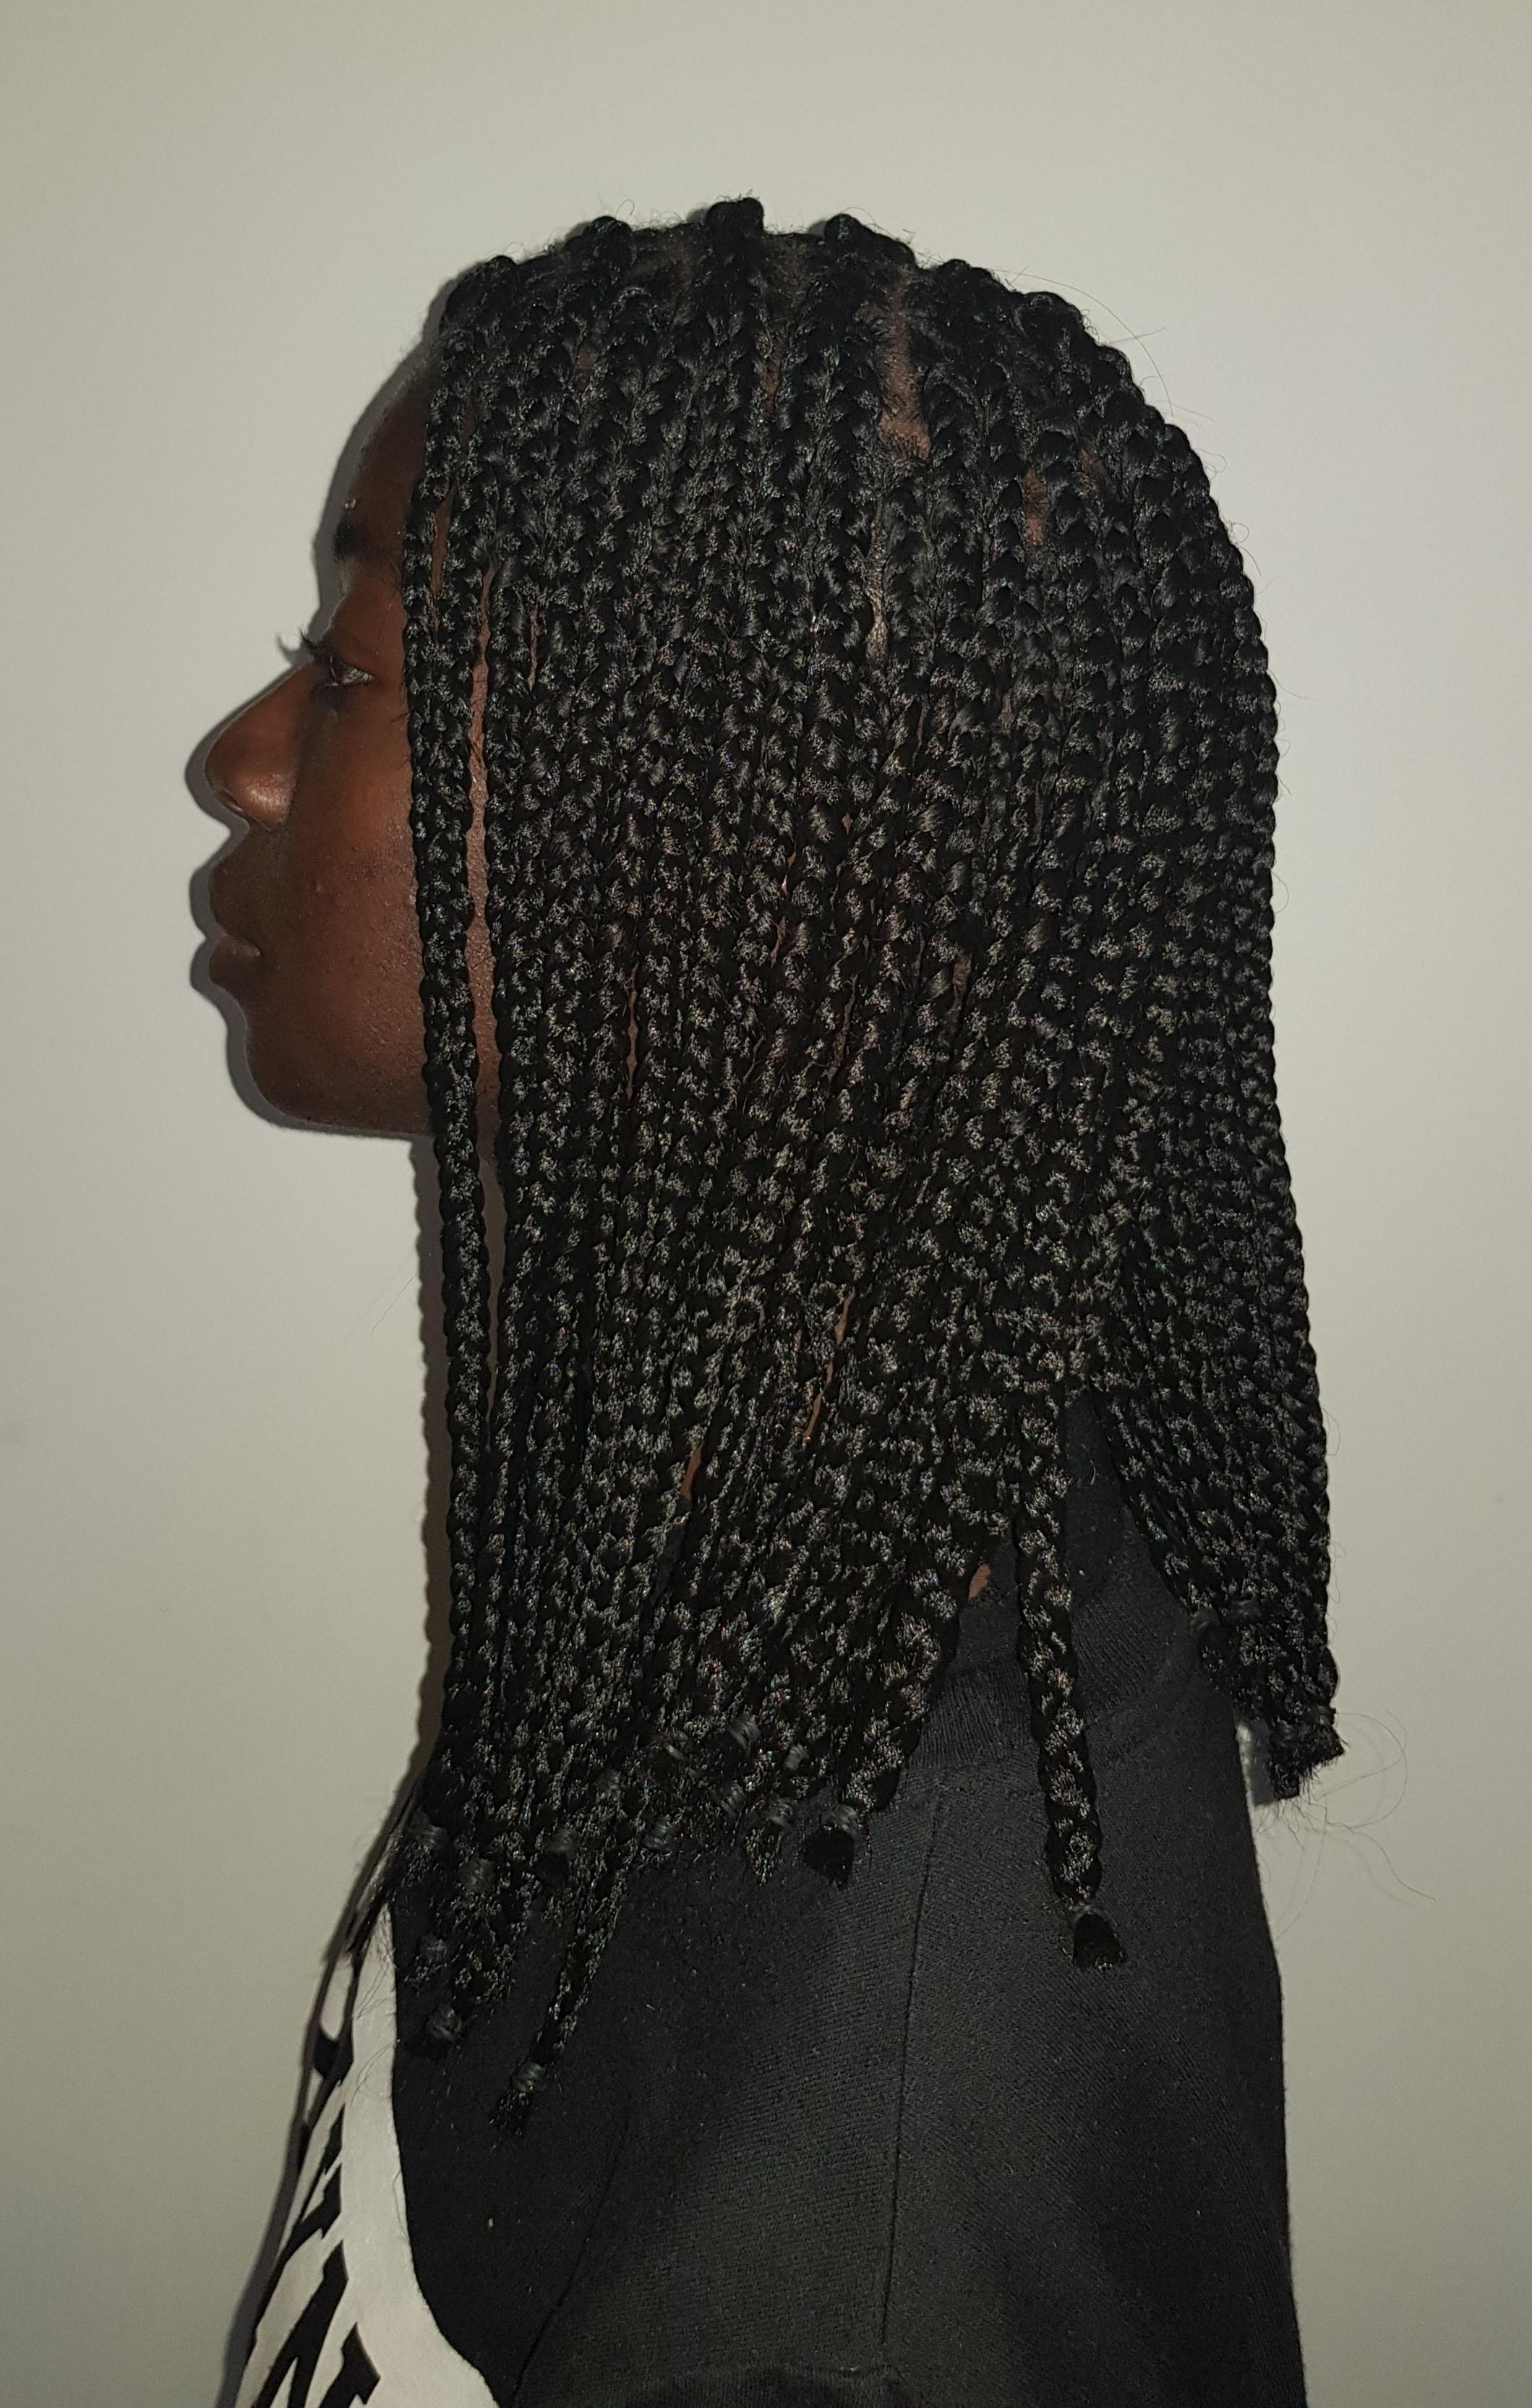 salon de coiffure afro tresse tresses box braids crochet braids vanilles tissages paris 75 77 78 91 92 93 94 95 TZOVRQHA